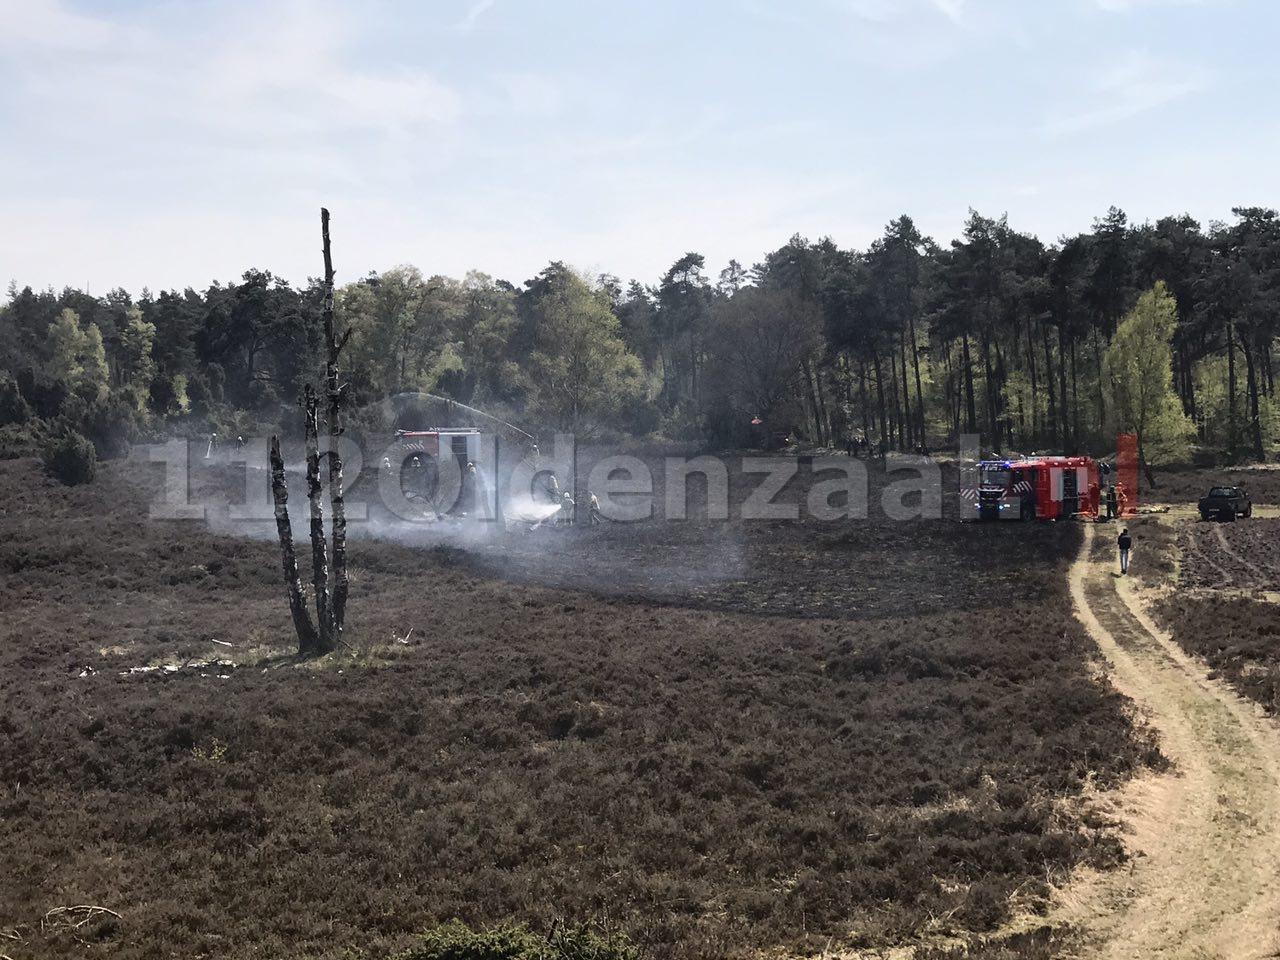 foto 2: Grote brand in natuurgebied bij Beuningen onder controle